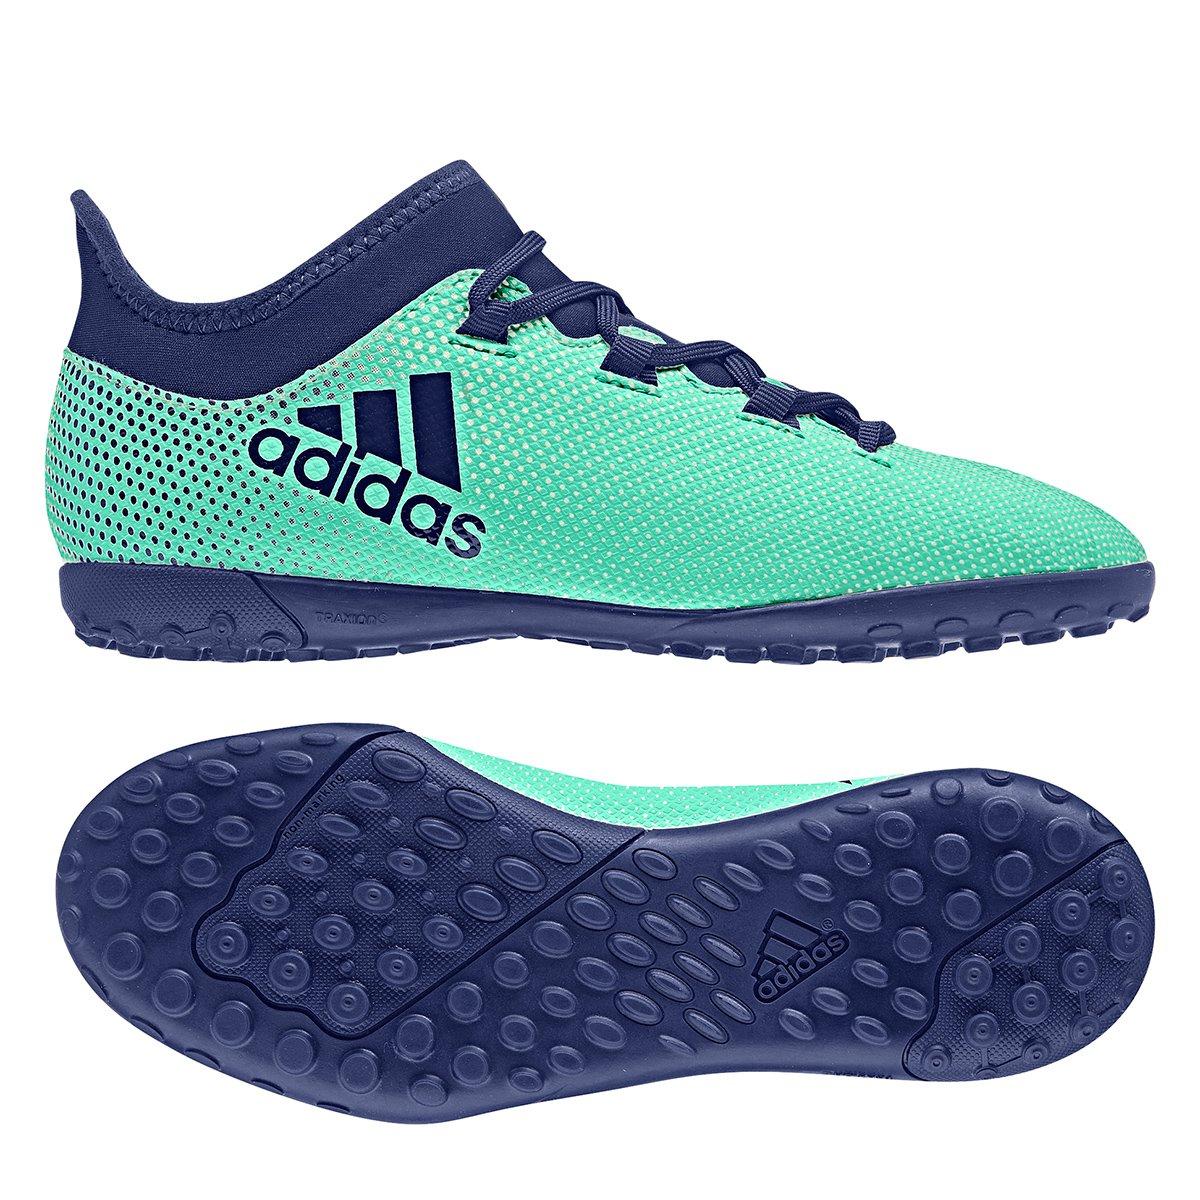 d36d7d4b6 Chuteira Society Infantil Adidas X 17.3 TF - Compre Agora